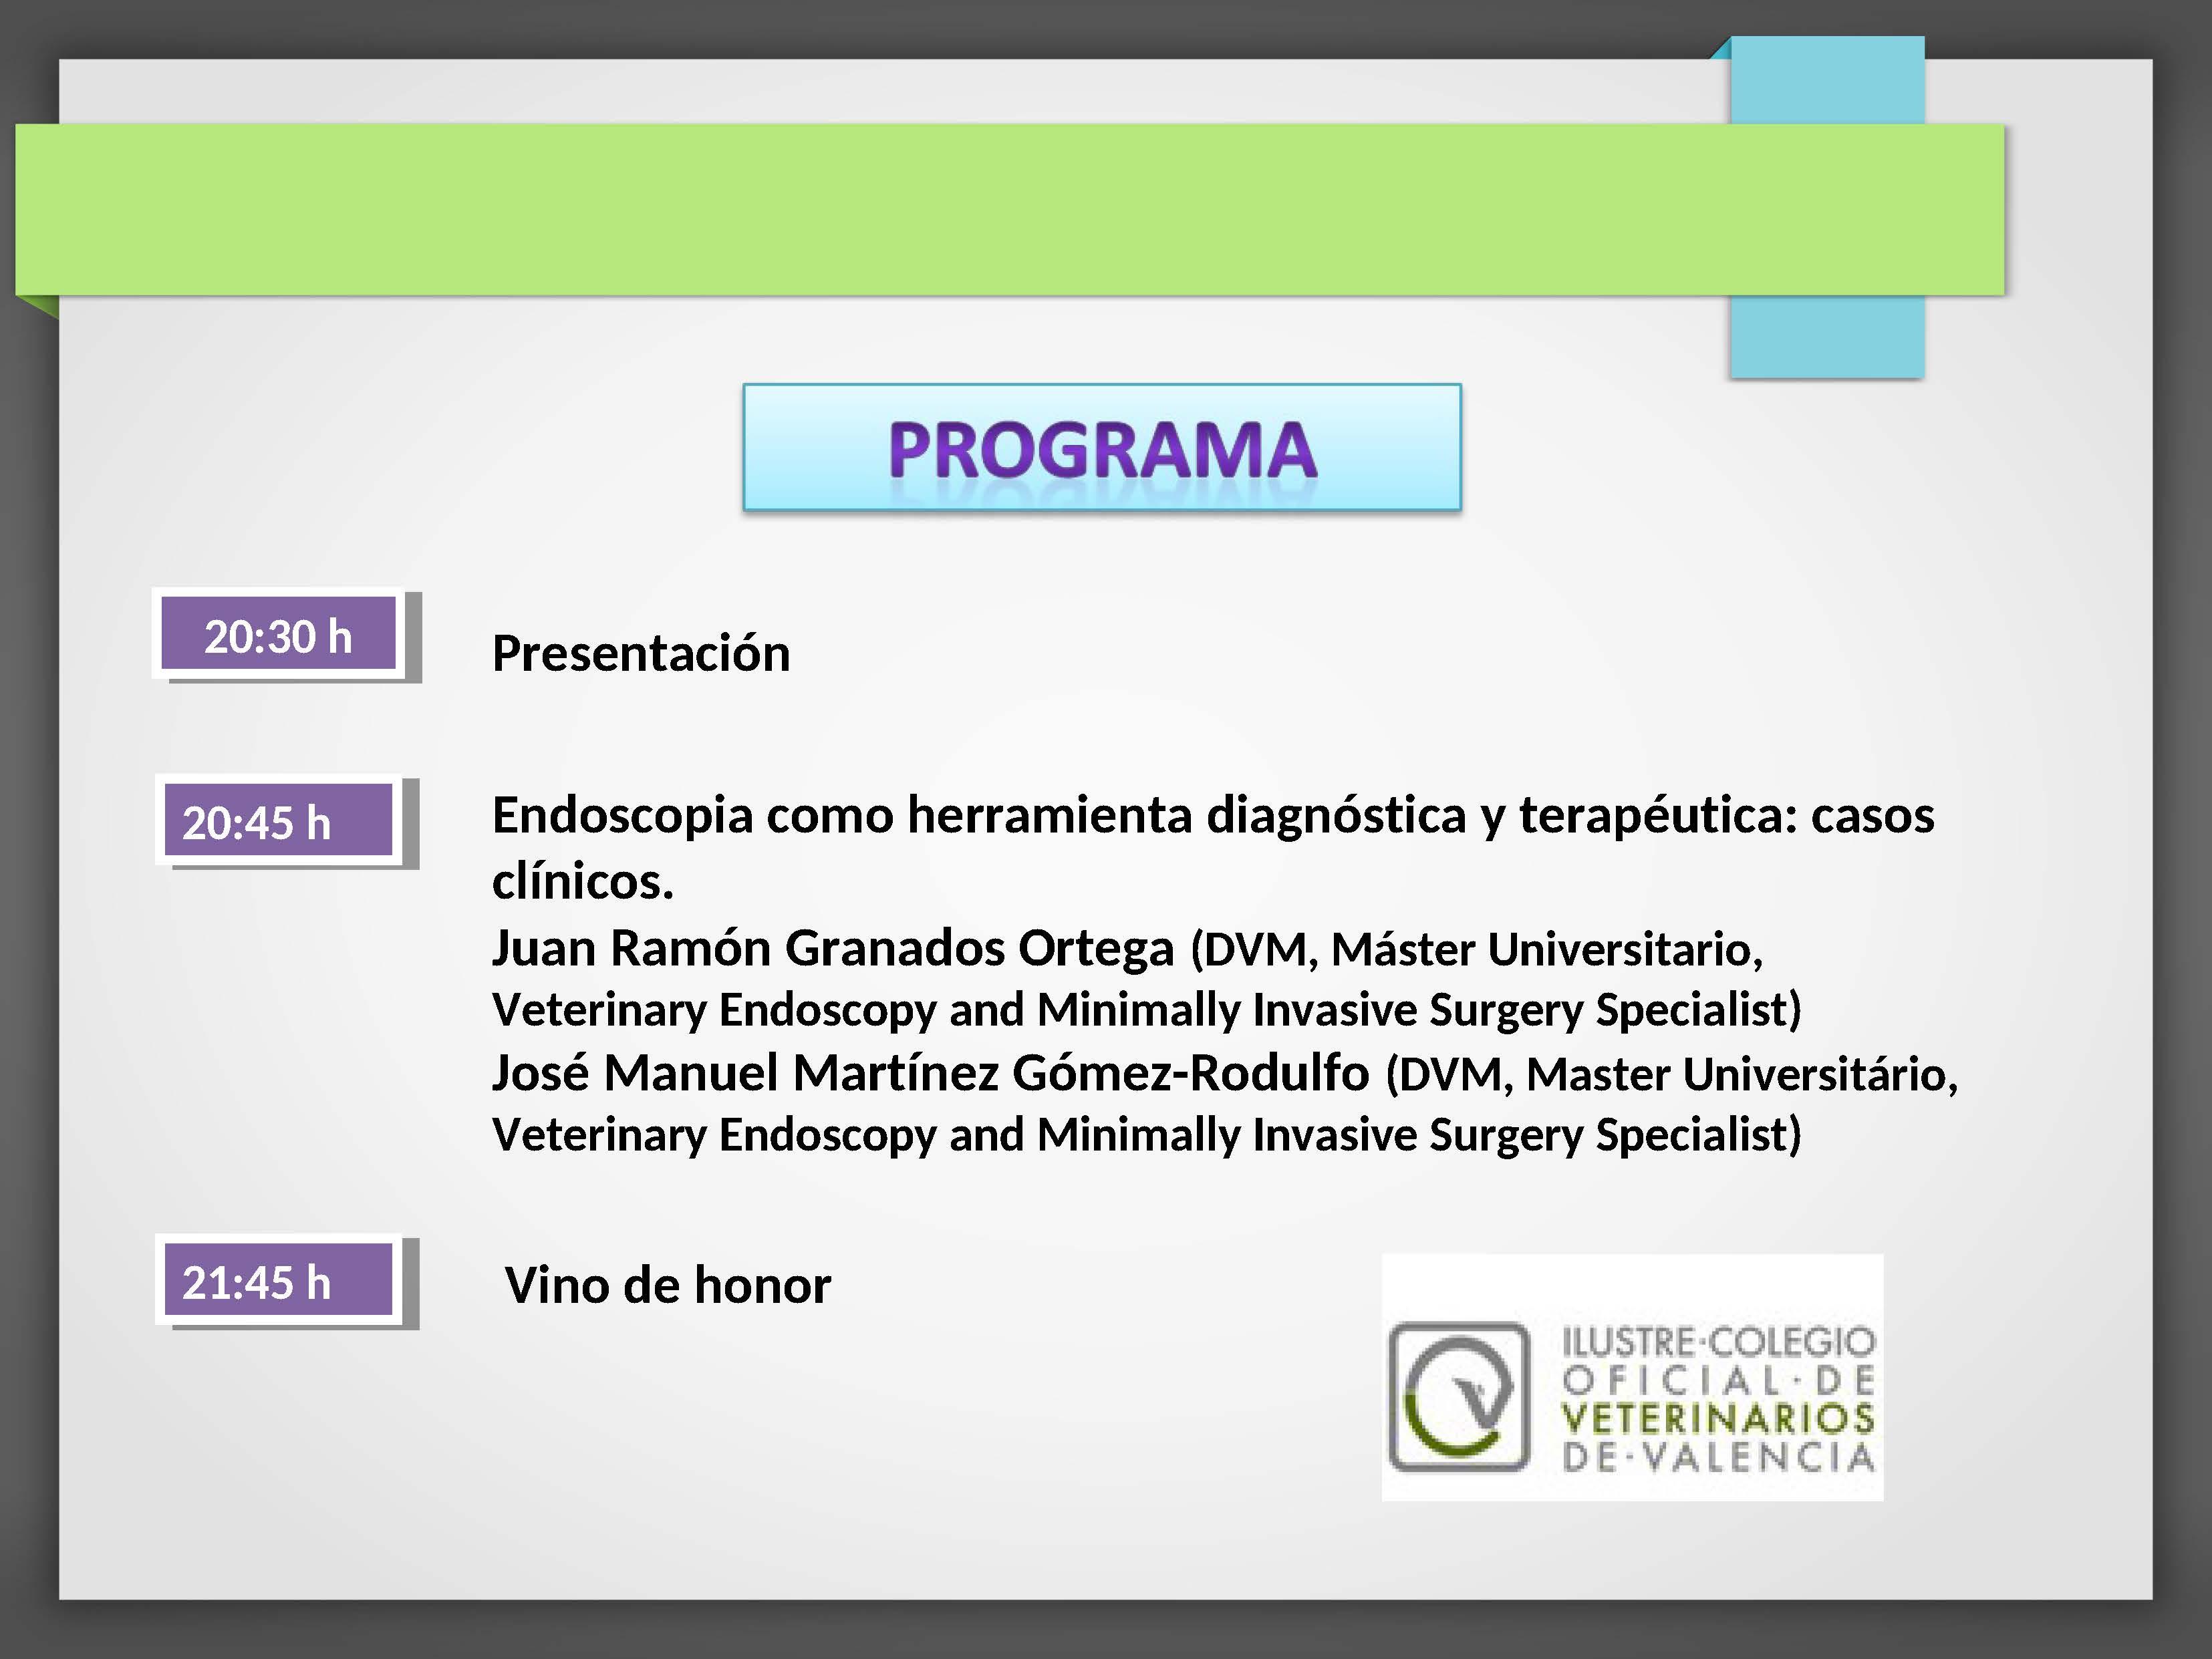 Horario de las ponencias que se realizaran en el Salón de Actos sobre endoscopia